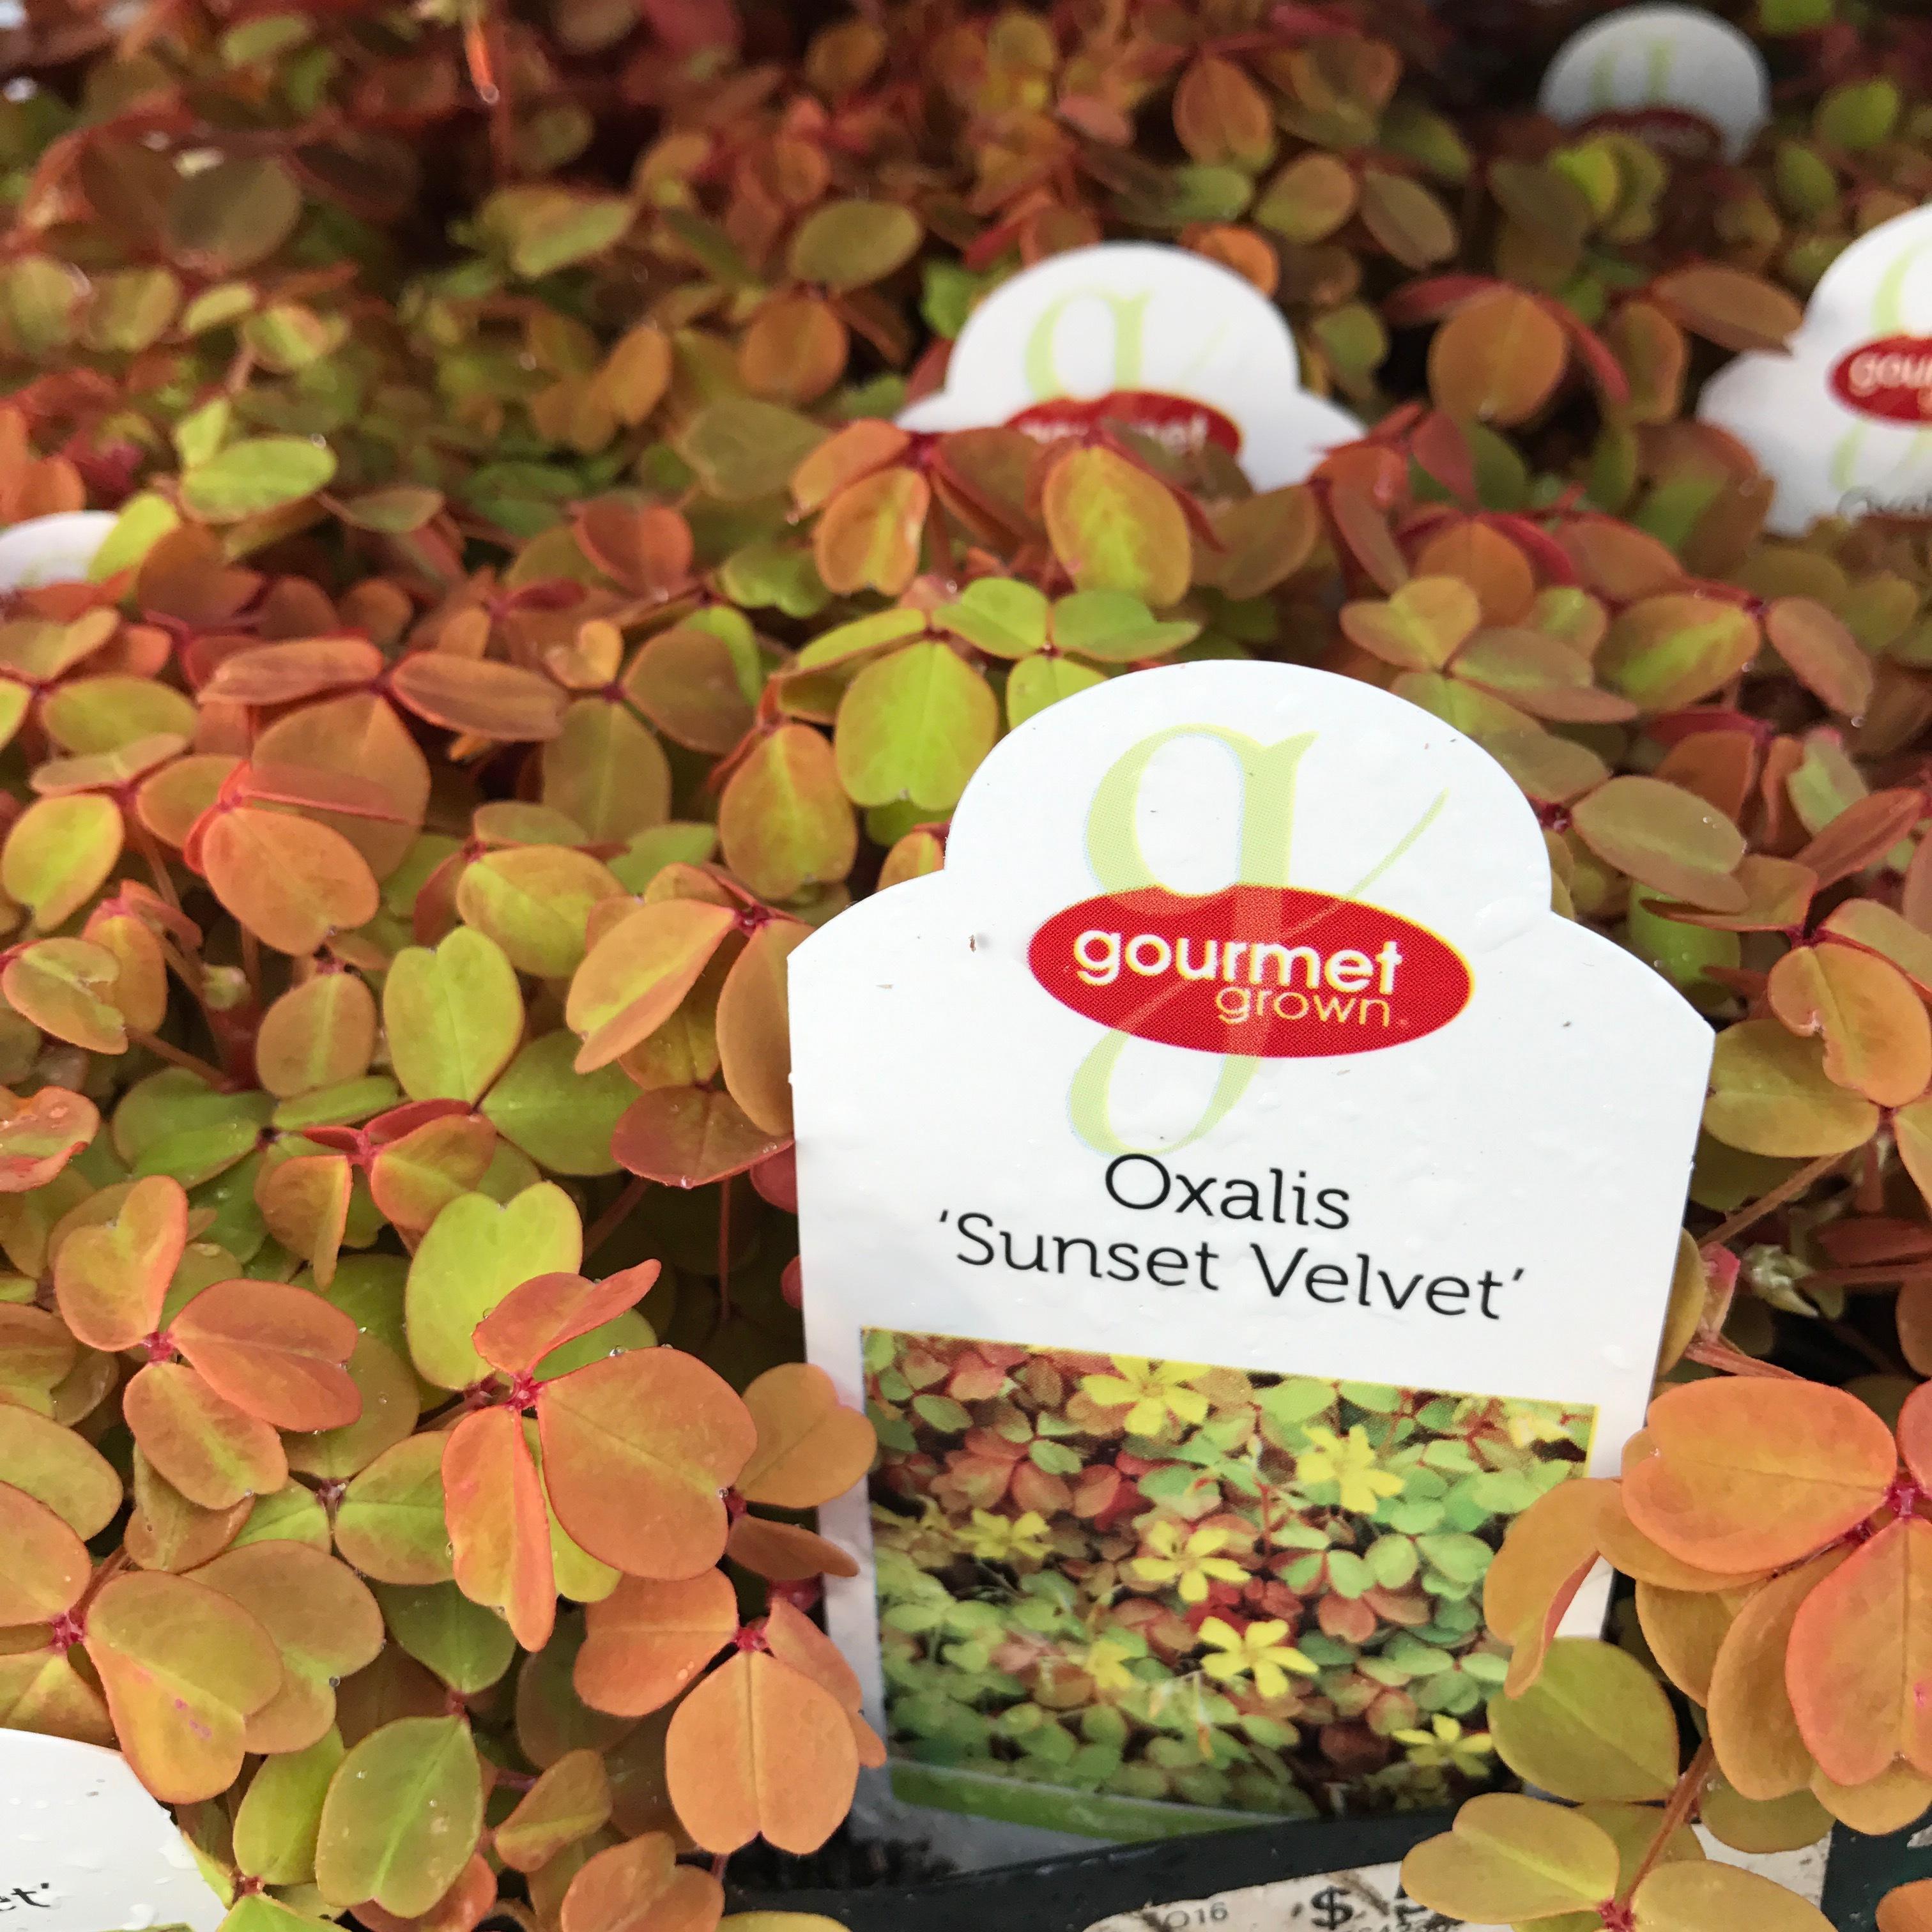 Oxalis Sunset Velvet image